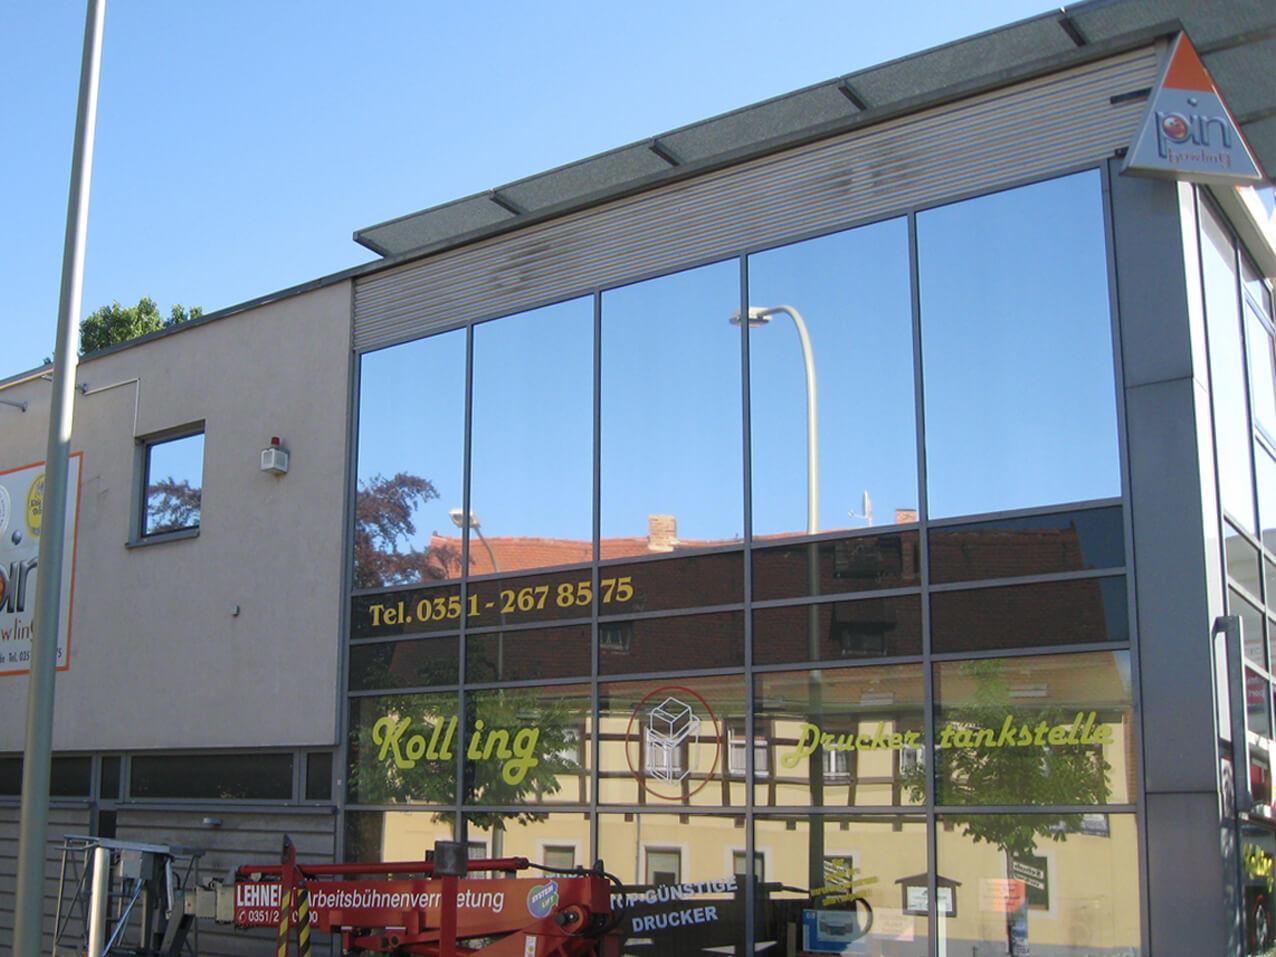 Full Size of Wärmeschutzfolie Fenster Sonnenschutzfolie Sichtschutzfolie Montage Einbauen Rostock Austauschen Internorm Preise Folien Für Aluminium Mit Rolladen Fenster Wärmeschutzfolie Fenster